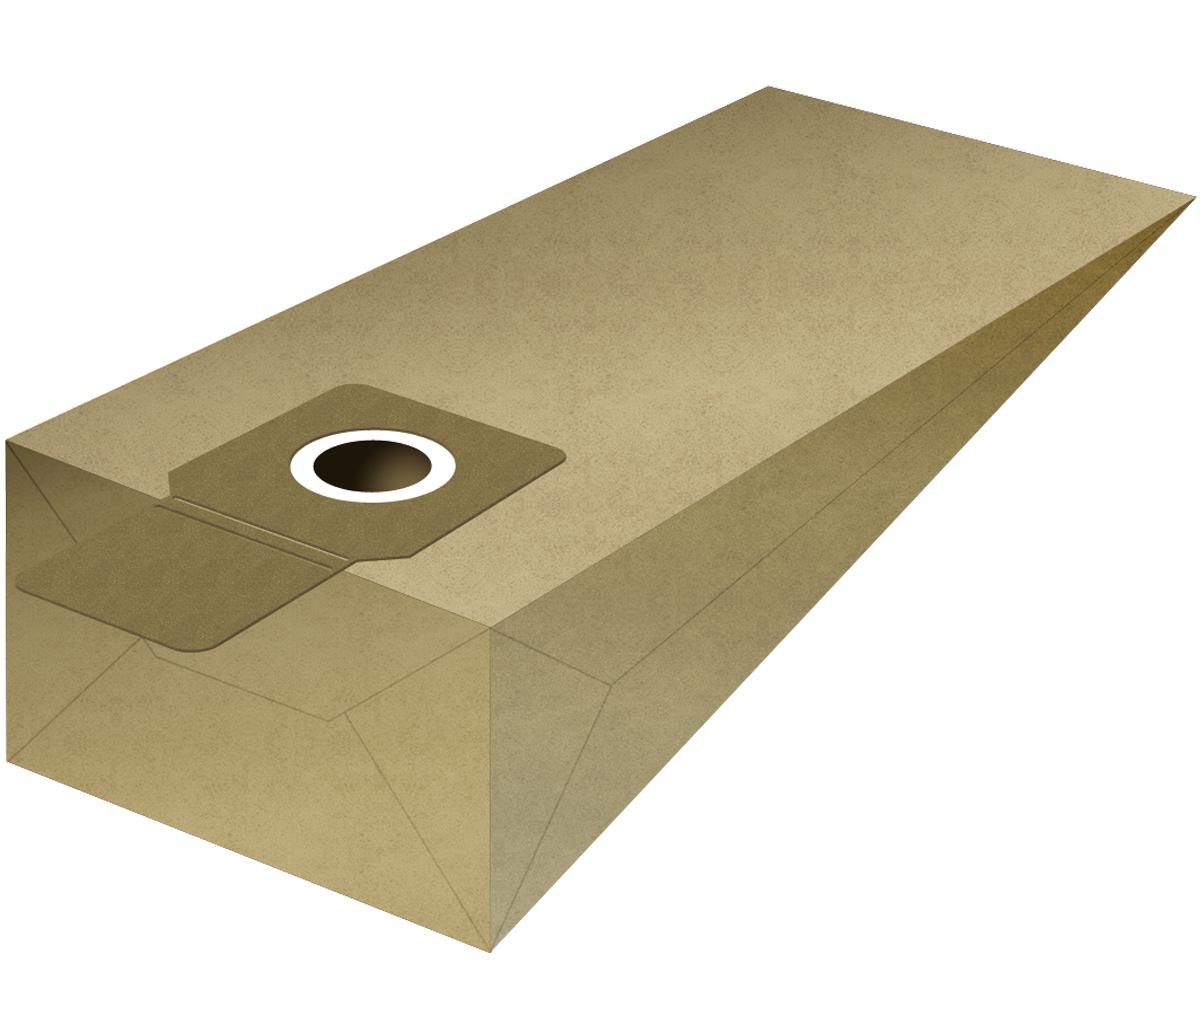 20 staubsaugerbeutel f r dirt devil m 6900 6901 ebay. Black Bedroom Furniture Sets. Home Design Ideas